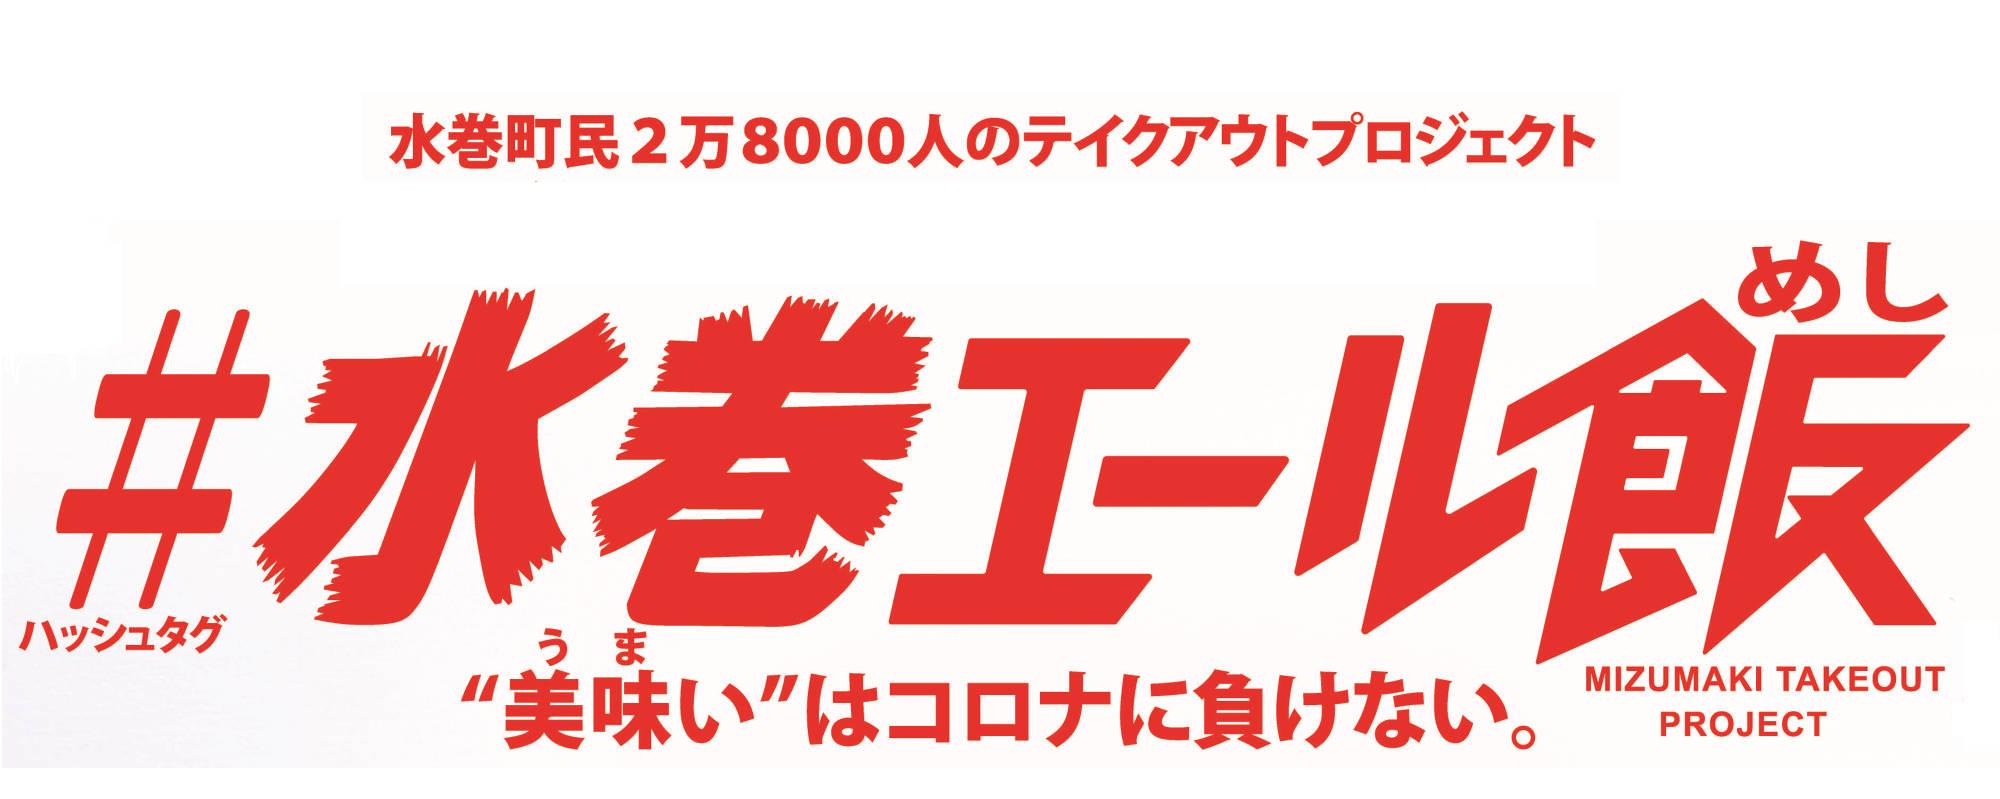 エール飯 水巻町民2万8000人のテイクアウトプロジェクト3